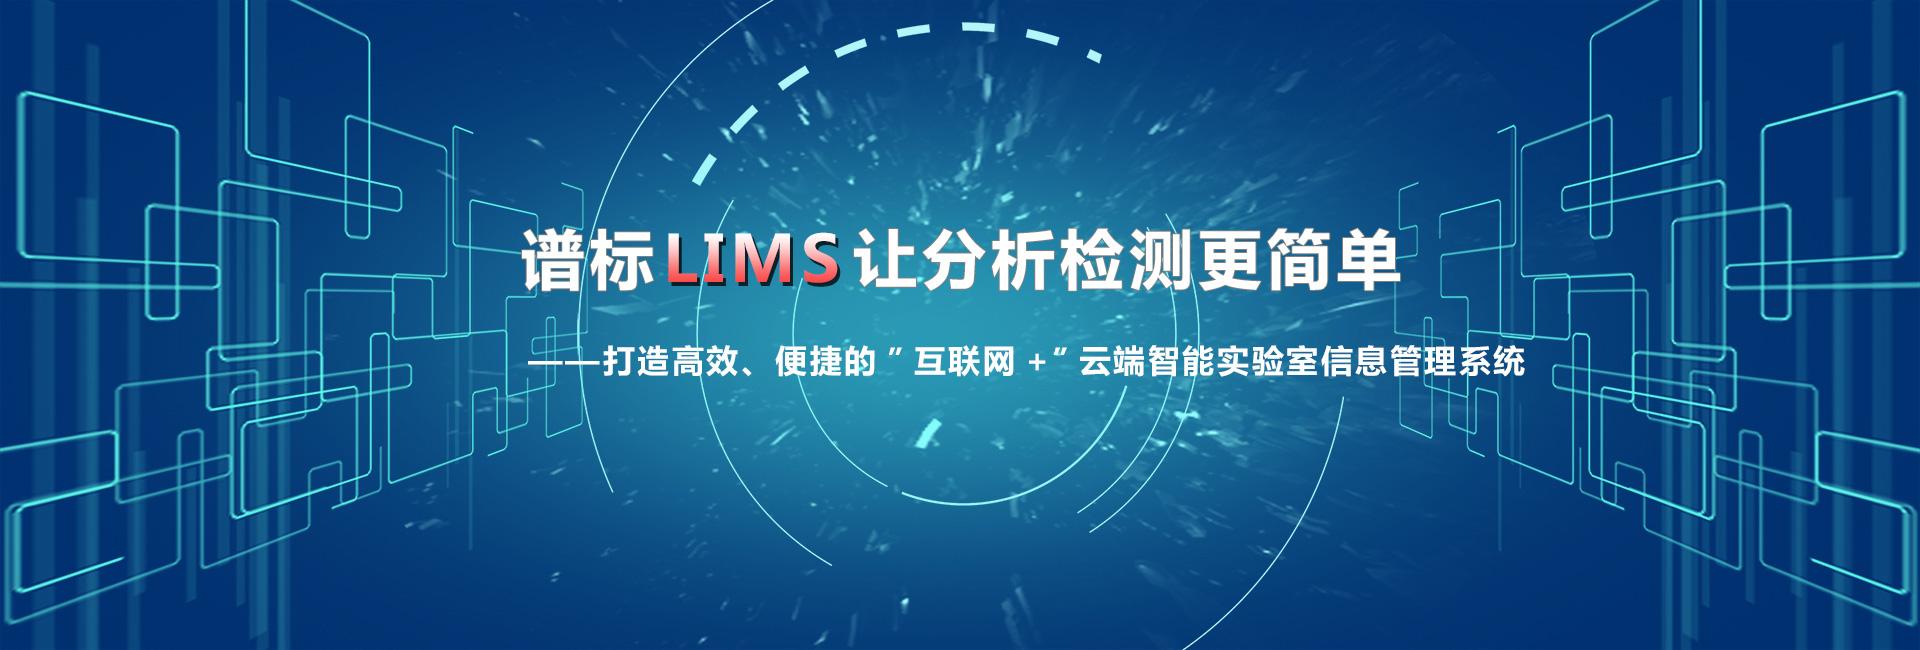 LIMS实验室信息管理系统的特点